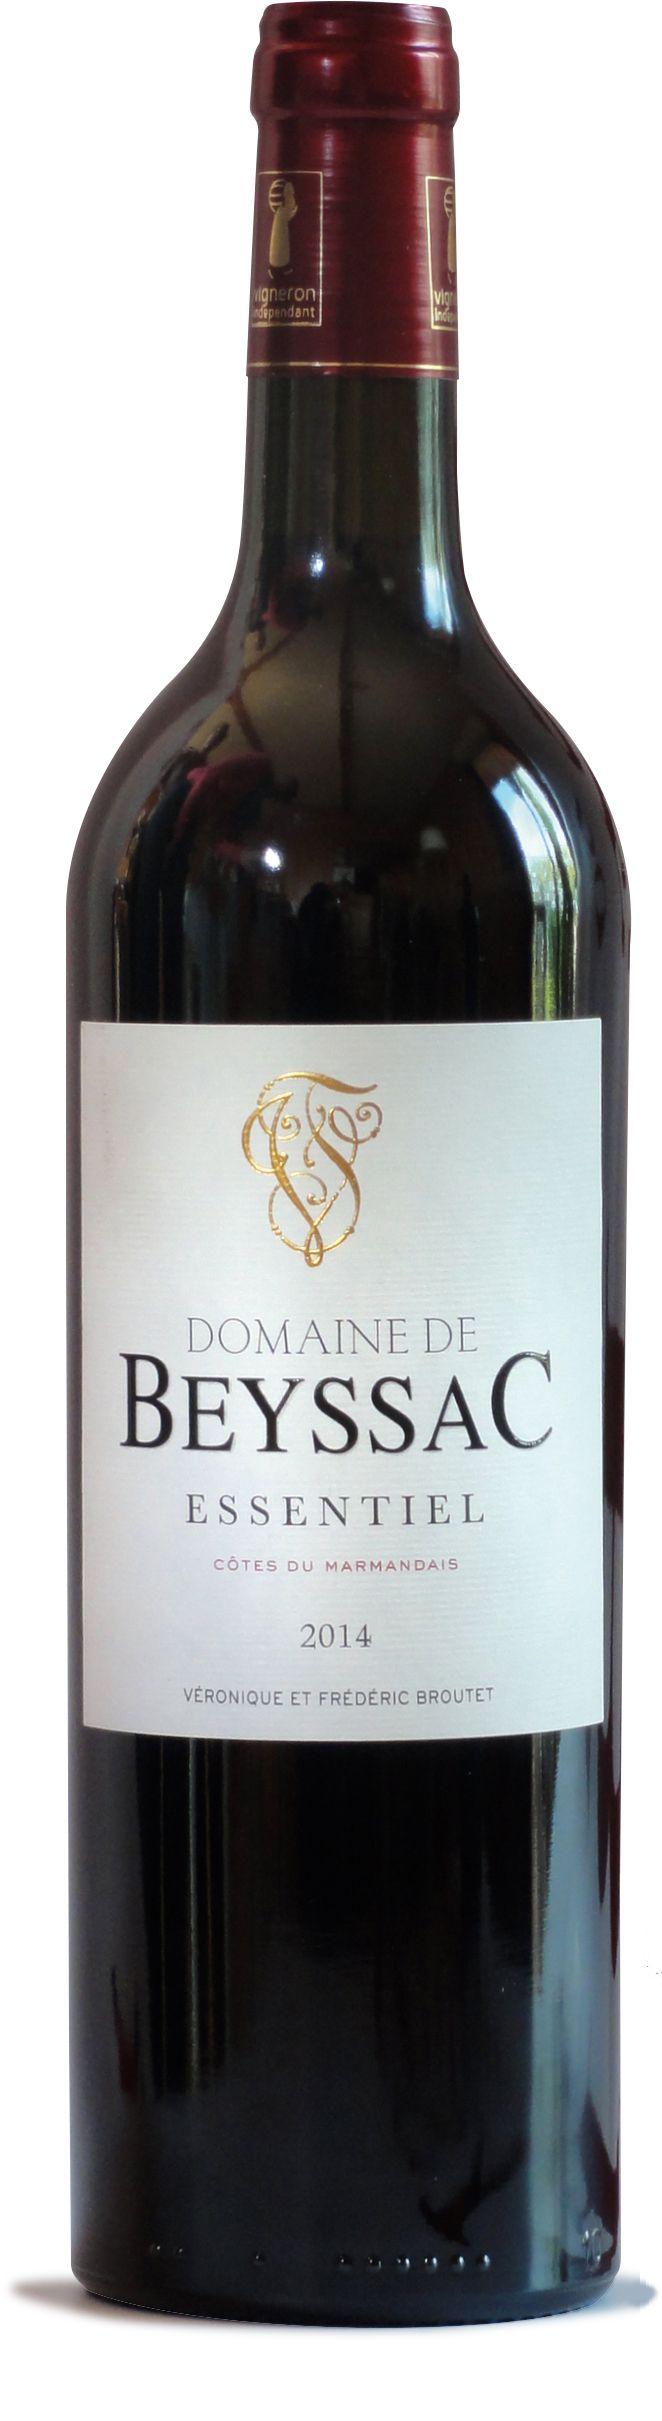 Au domaine de Beyssac, les bouteilles ne dépassent pas 500g et sont fabriquées à Cognac.